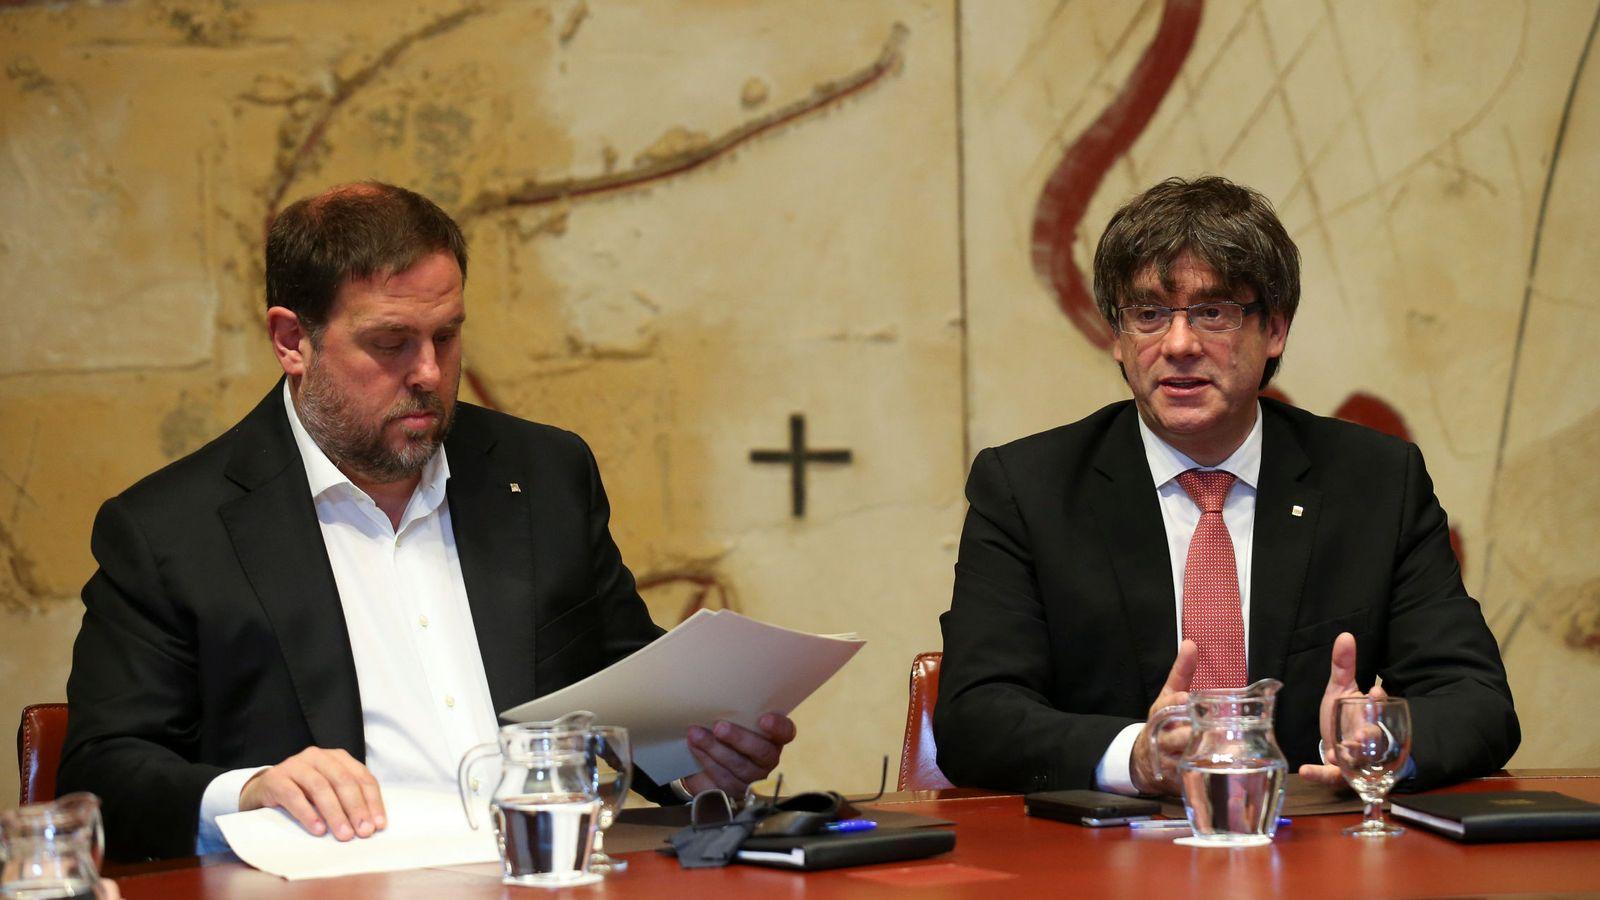 Foto: El presidente de la Generalitat, Carles Puigdemont, junto al vicepresidente catalán, Oriol Junqueras. (Reuters)